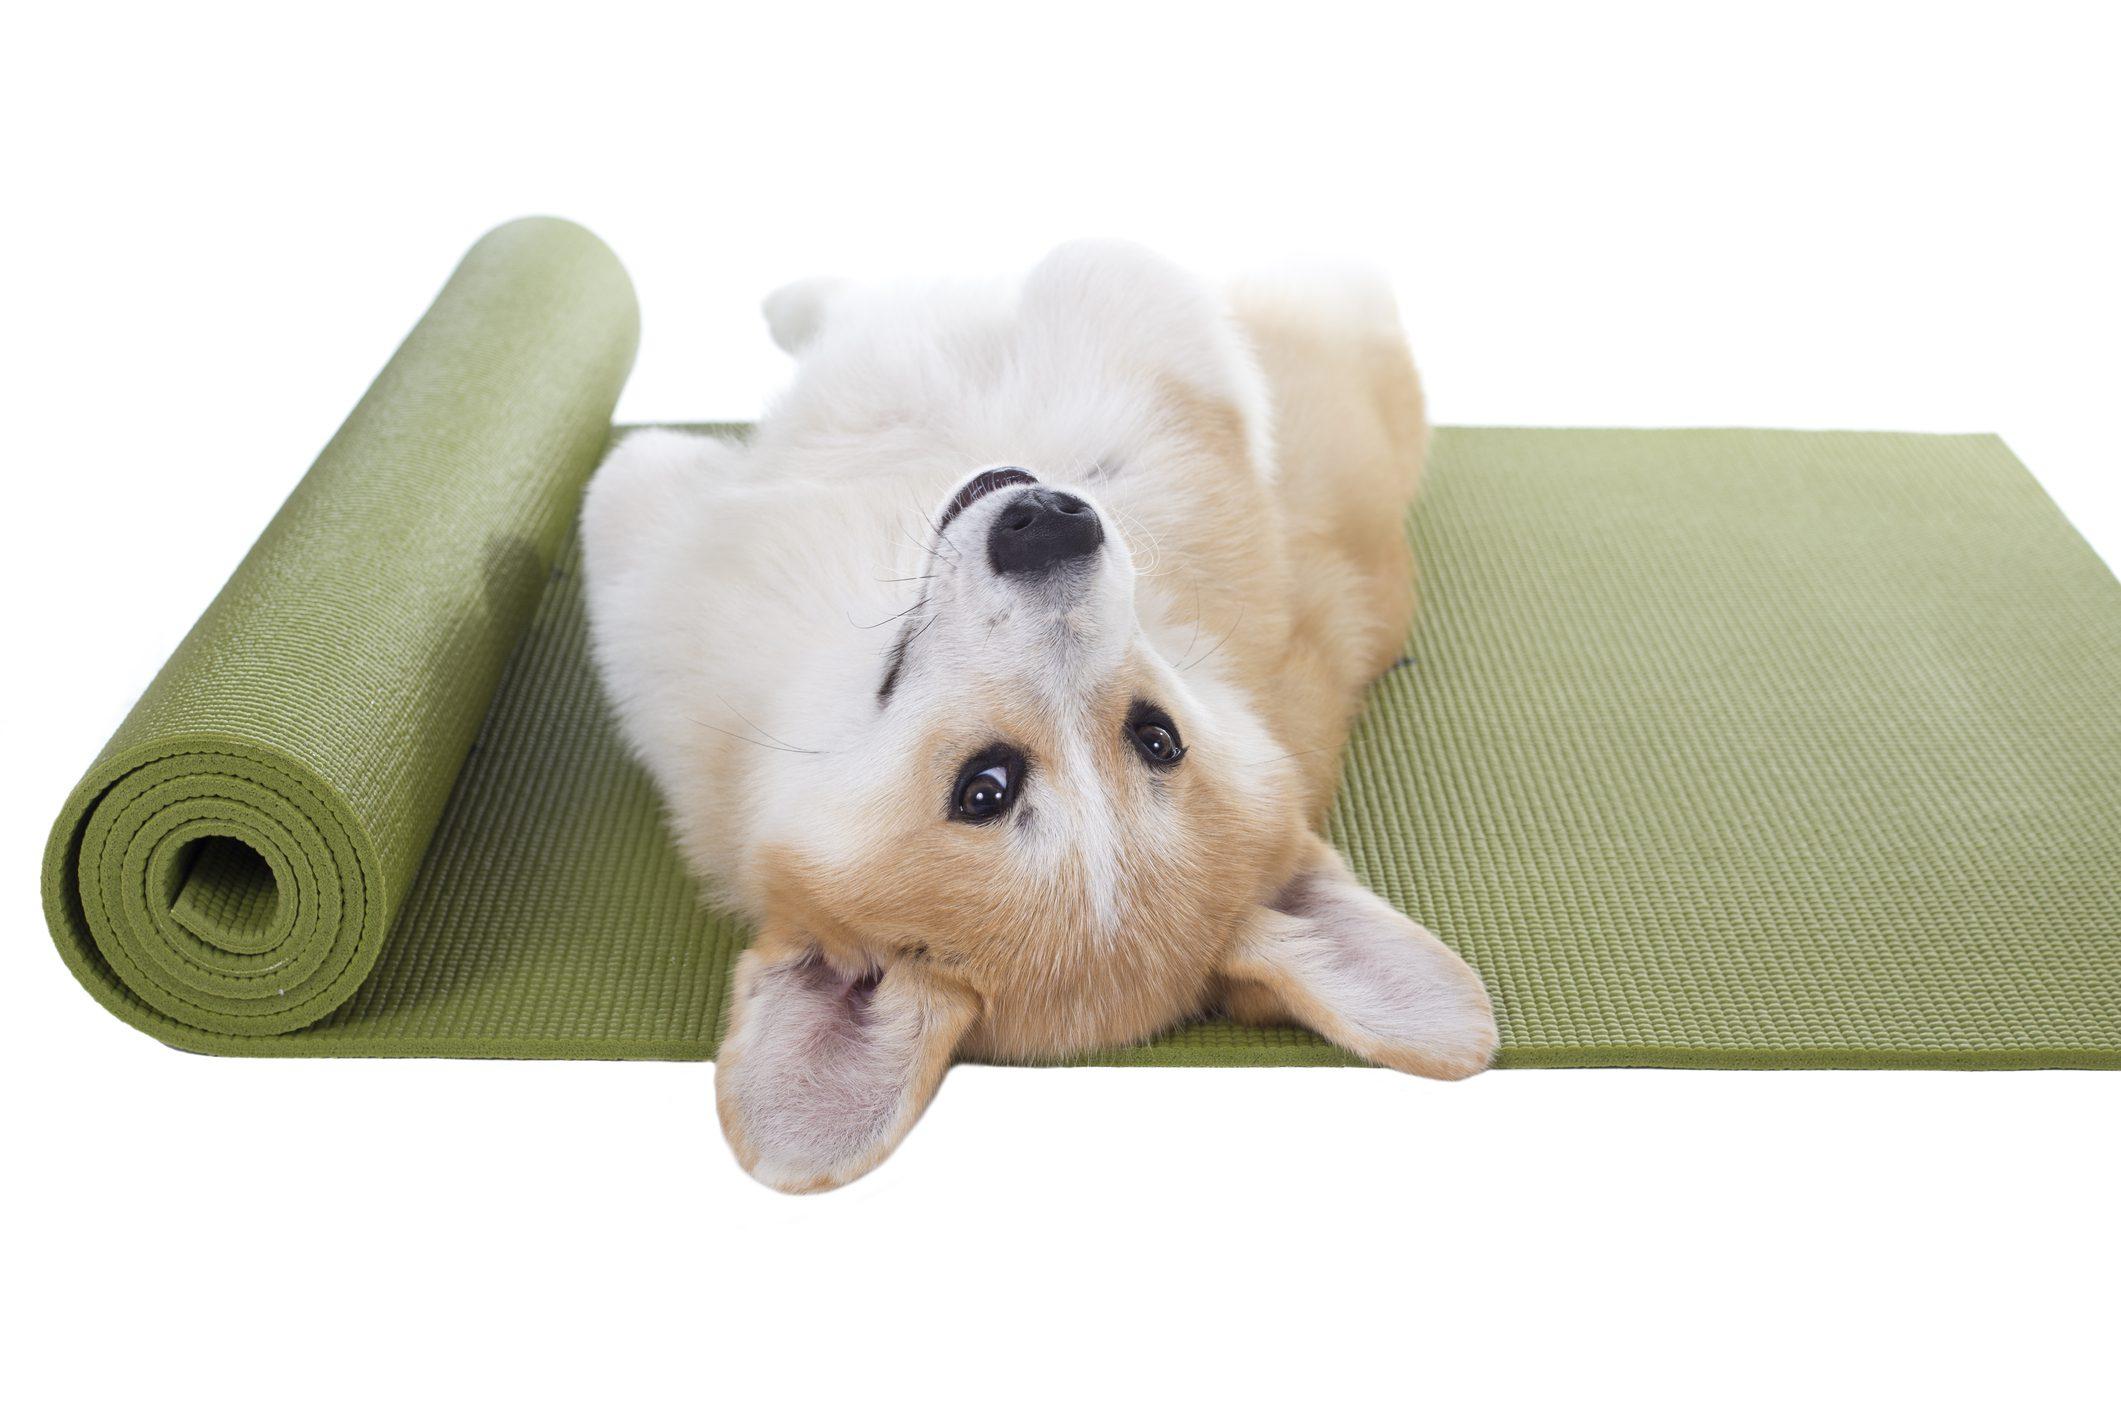 Corgi dog lying on its back on a green yoga mat